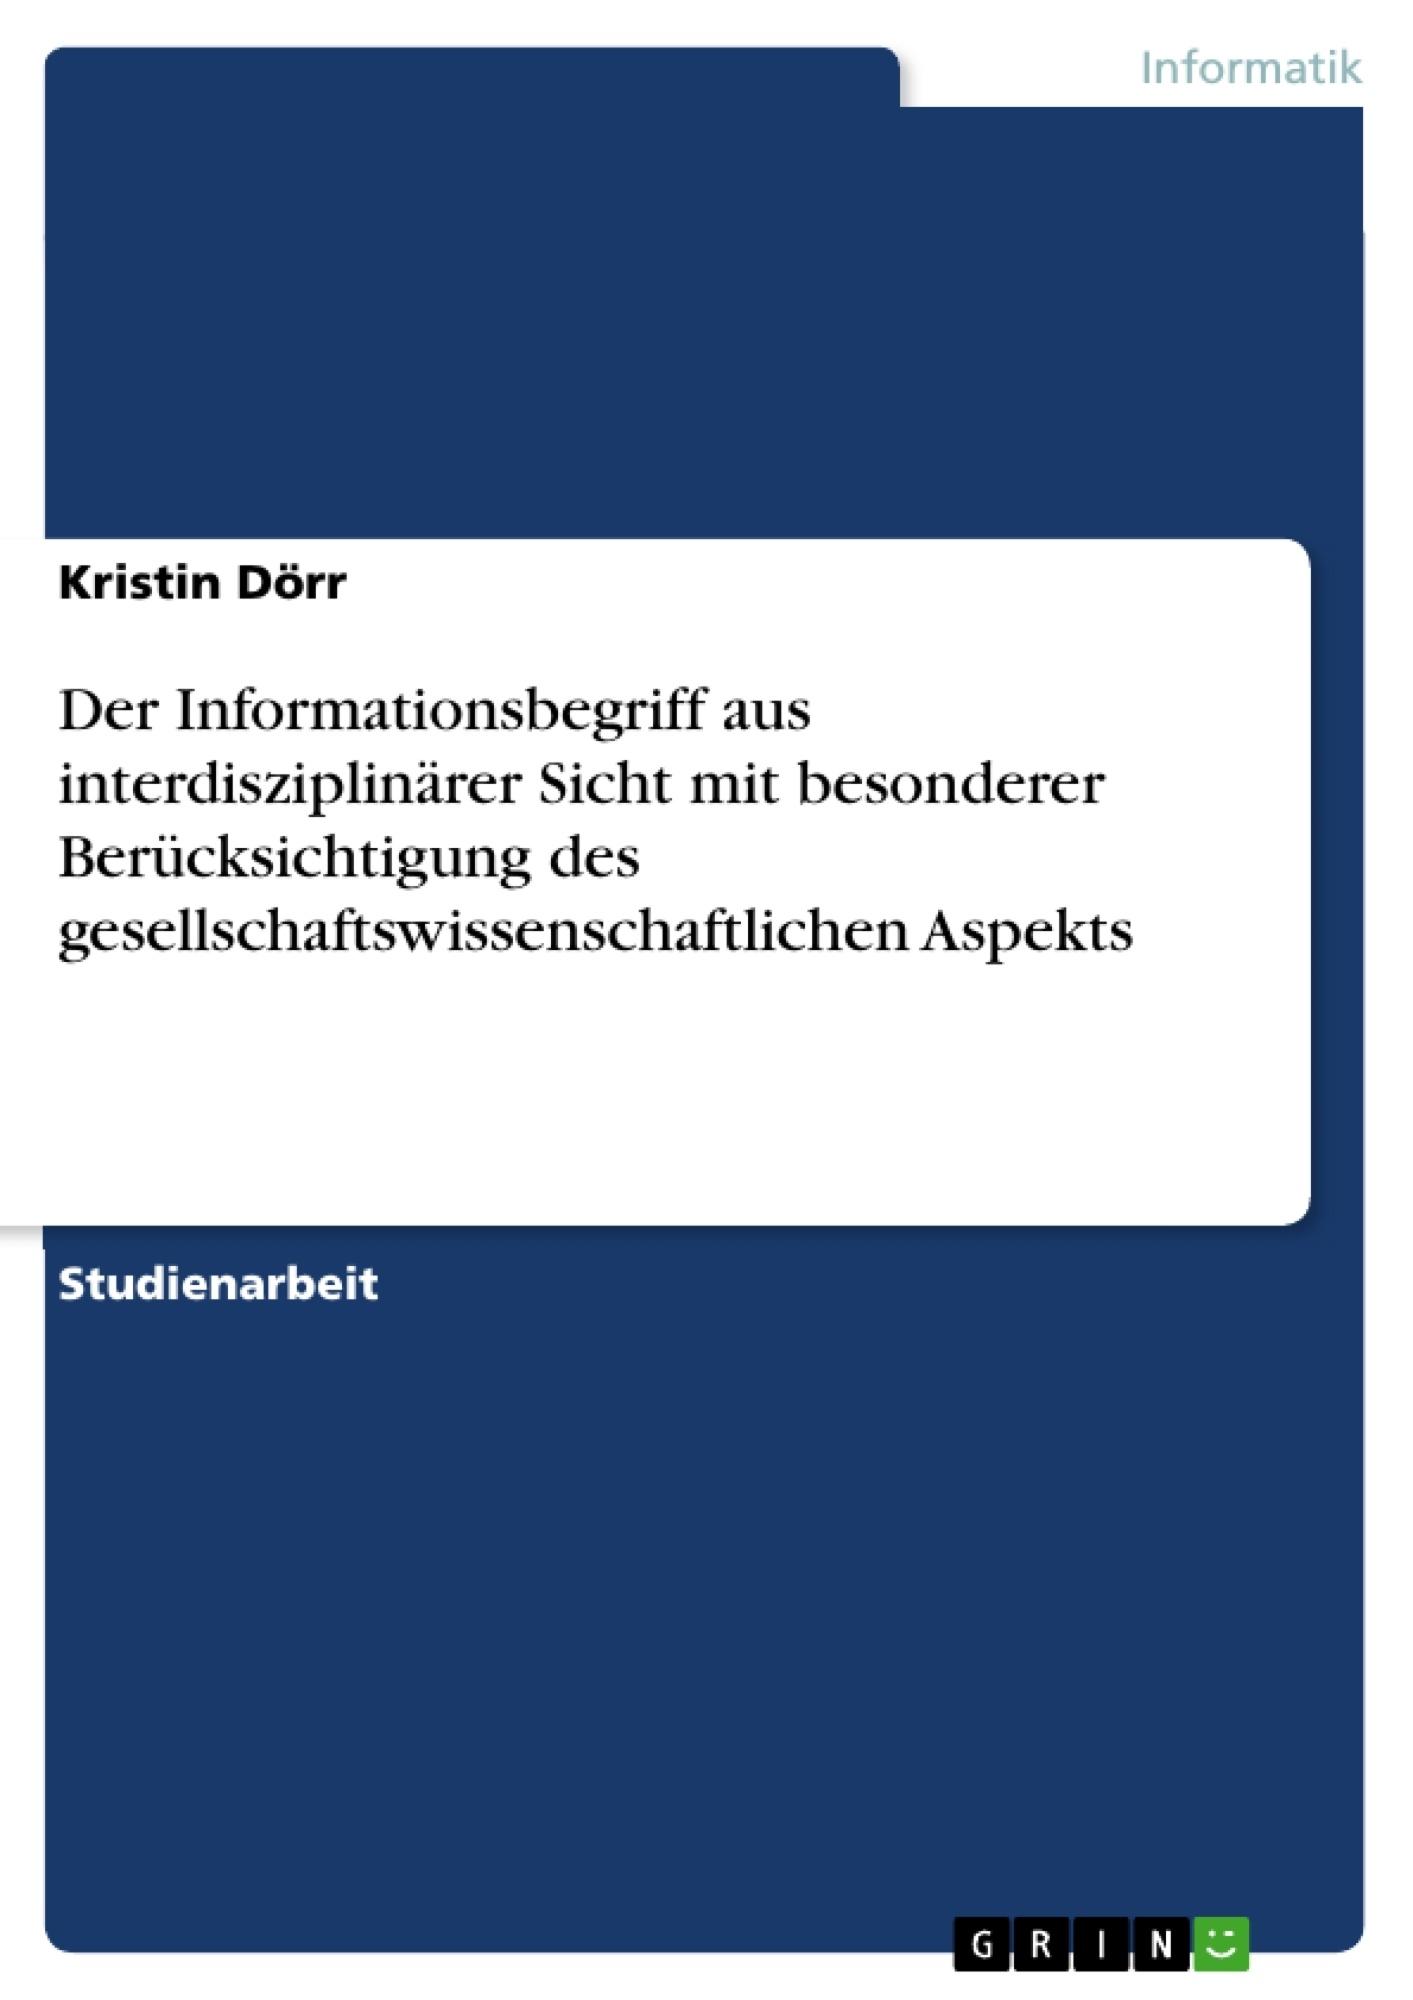 Titel: Der Informationsbegriff aus interdisziplinärer Sicht  mit besonderer Berücksichtigung des gesellschaftswissenschaftlichen Aspekts